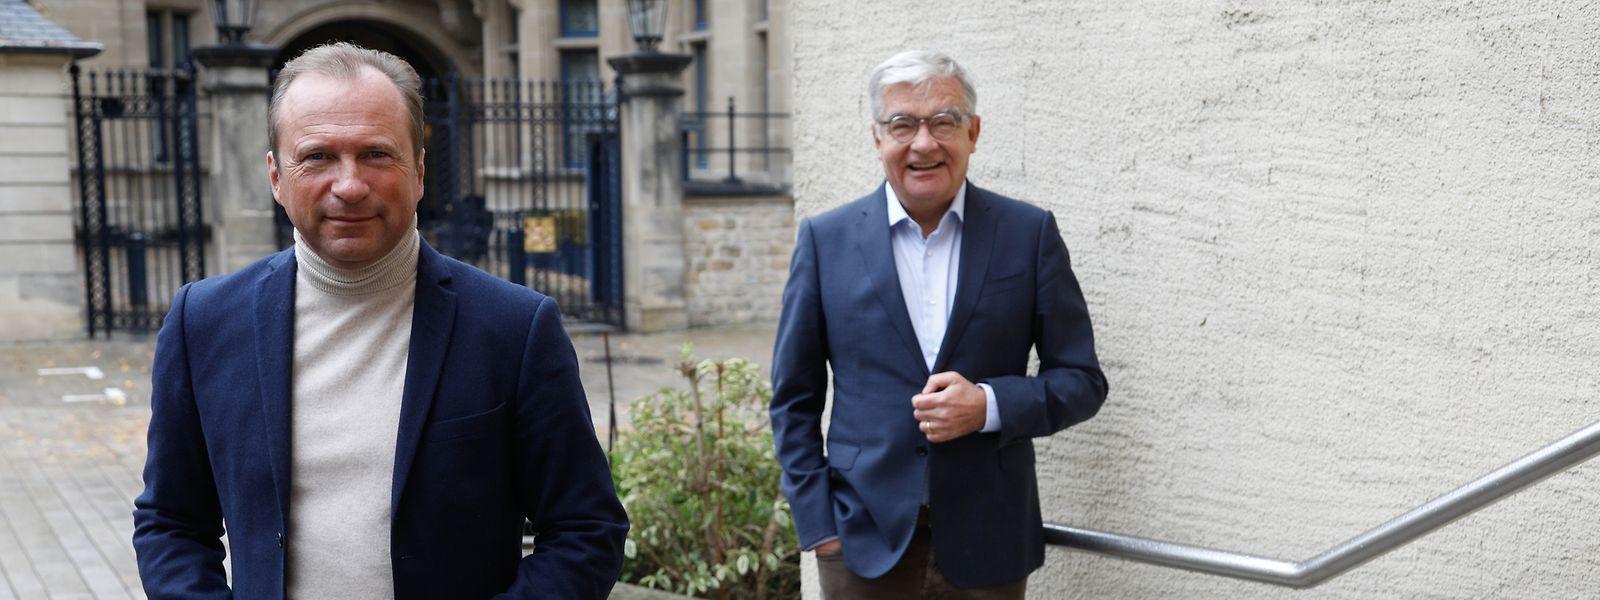 Die CSV-Abgeordneten Gilles Roth (l.) und Laurent Mosar üben heftige Kritik an der Politik der Regierung.